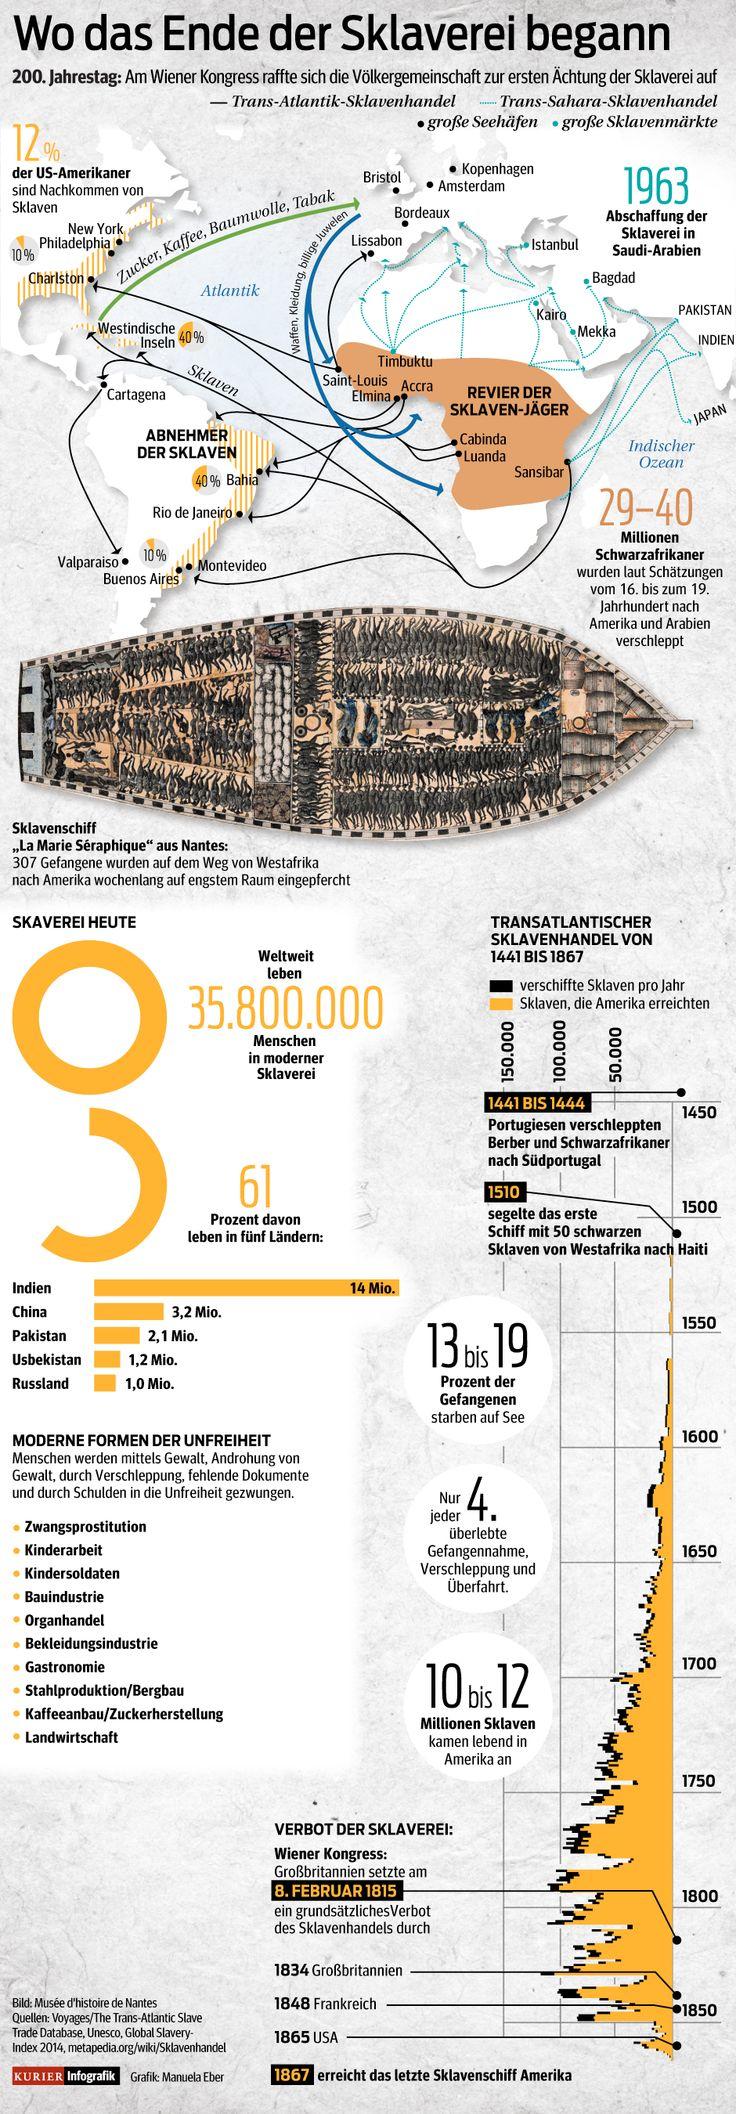 Am Wiener Kongress raffte sich die Völkergemeinschaft zur ersten Ächtung der Sklaverei auf. http://kurier.at/thema/infografiken/